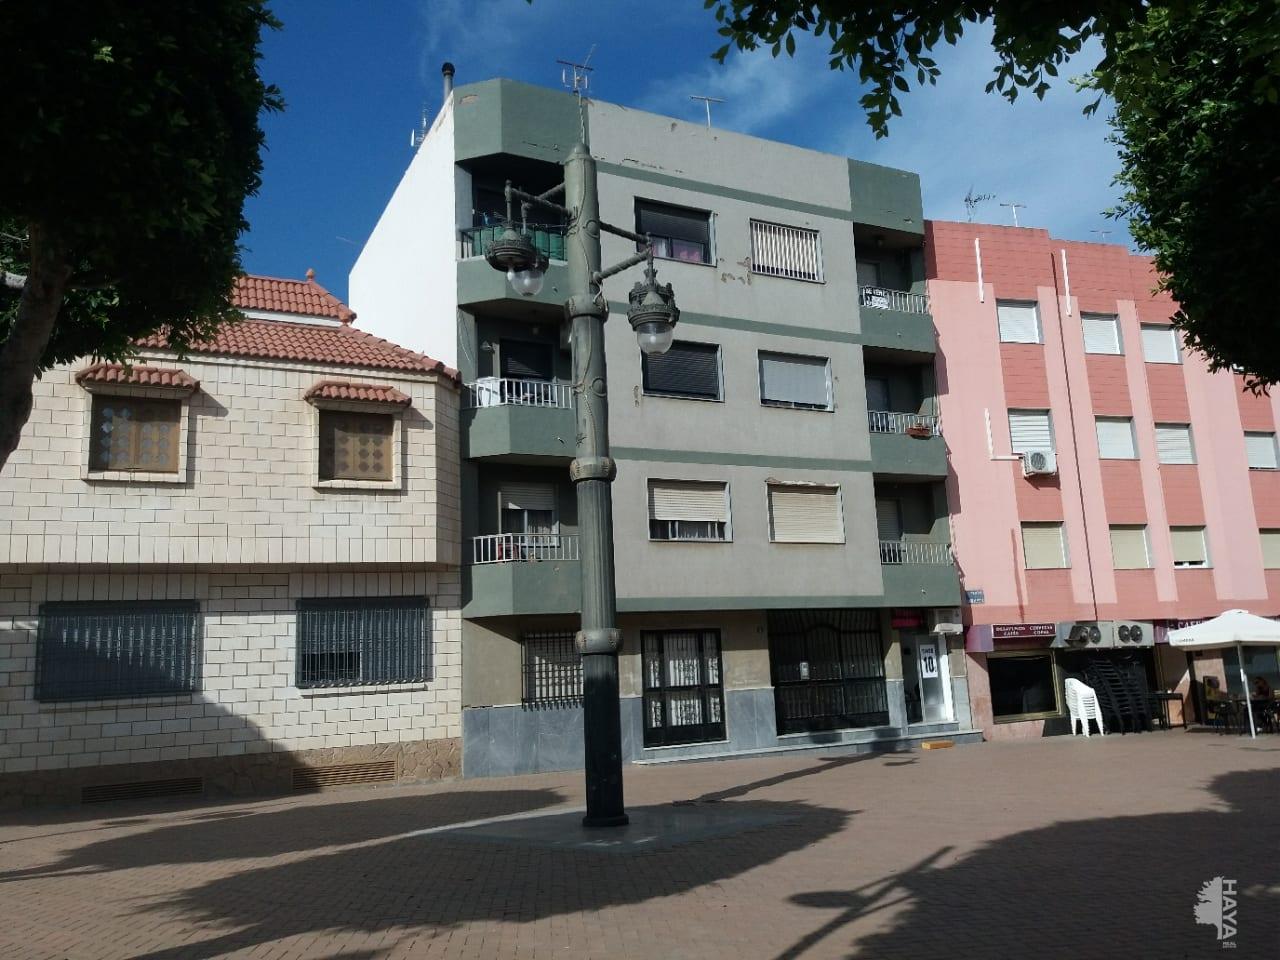 Piso en venta en Visiedo, Viator, Almería, Plaza Andalucia, 65.000 €, 3 habitaciones, 1 baño, 85 m2